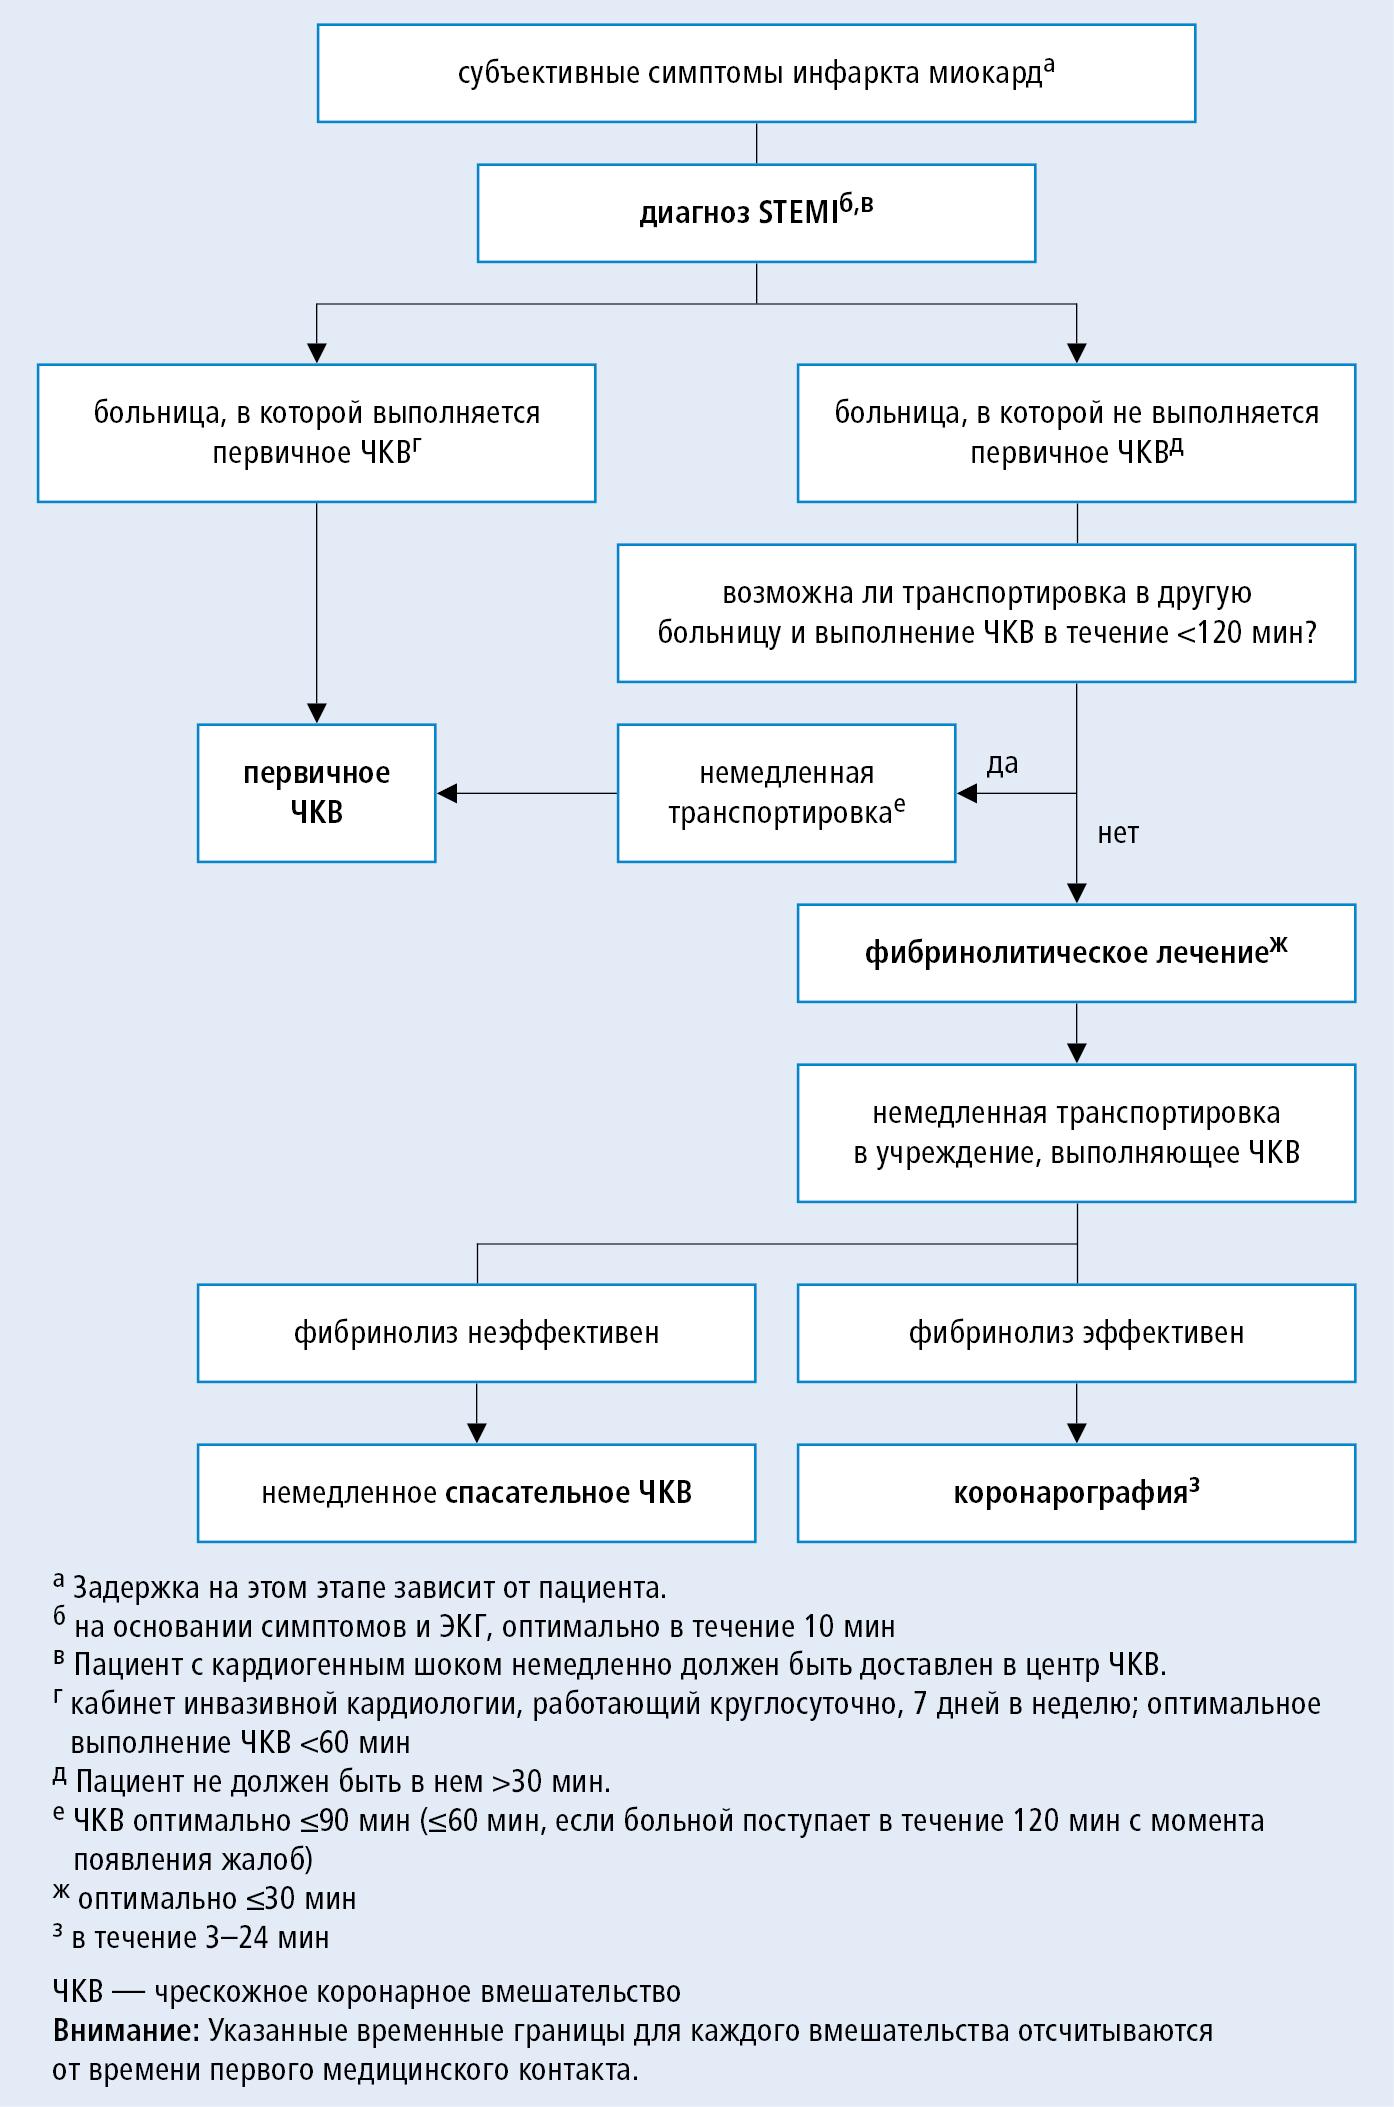 Симптомы и лечение острого коронарного синдрома